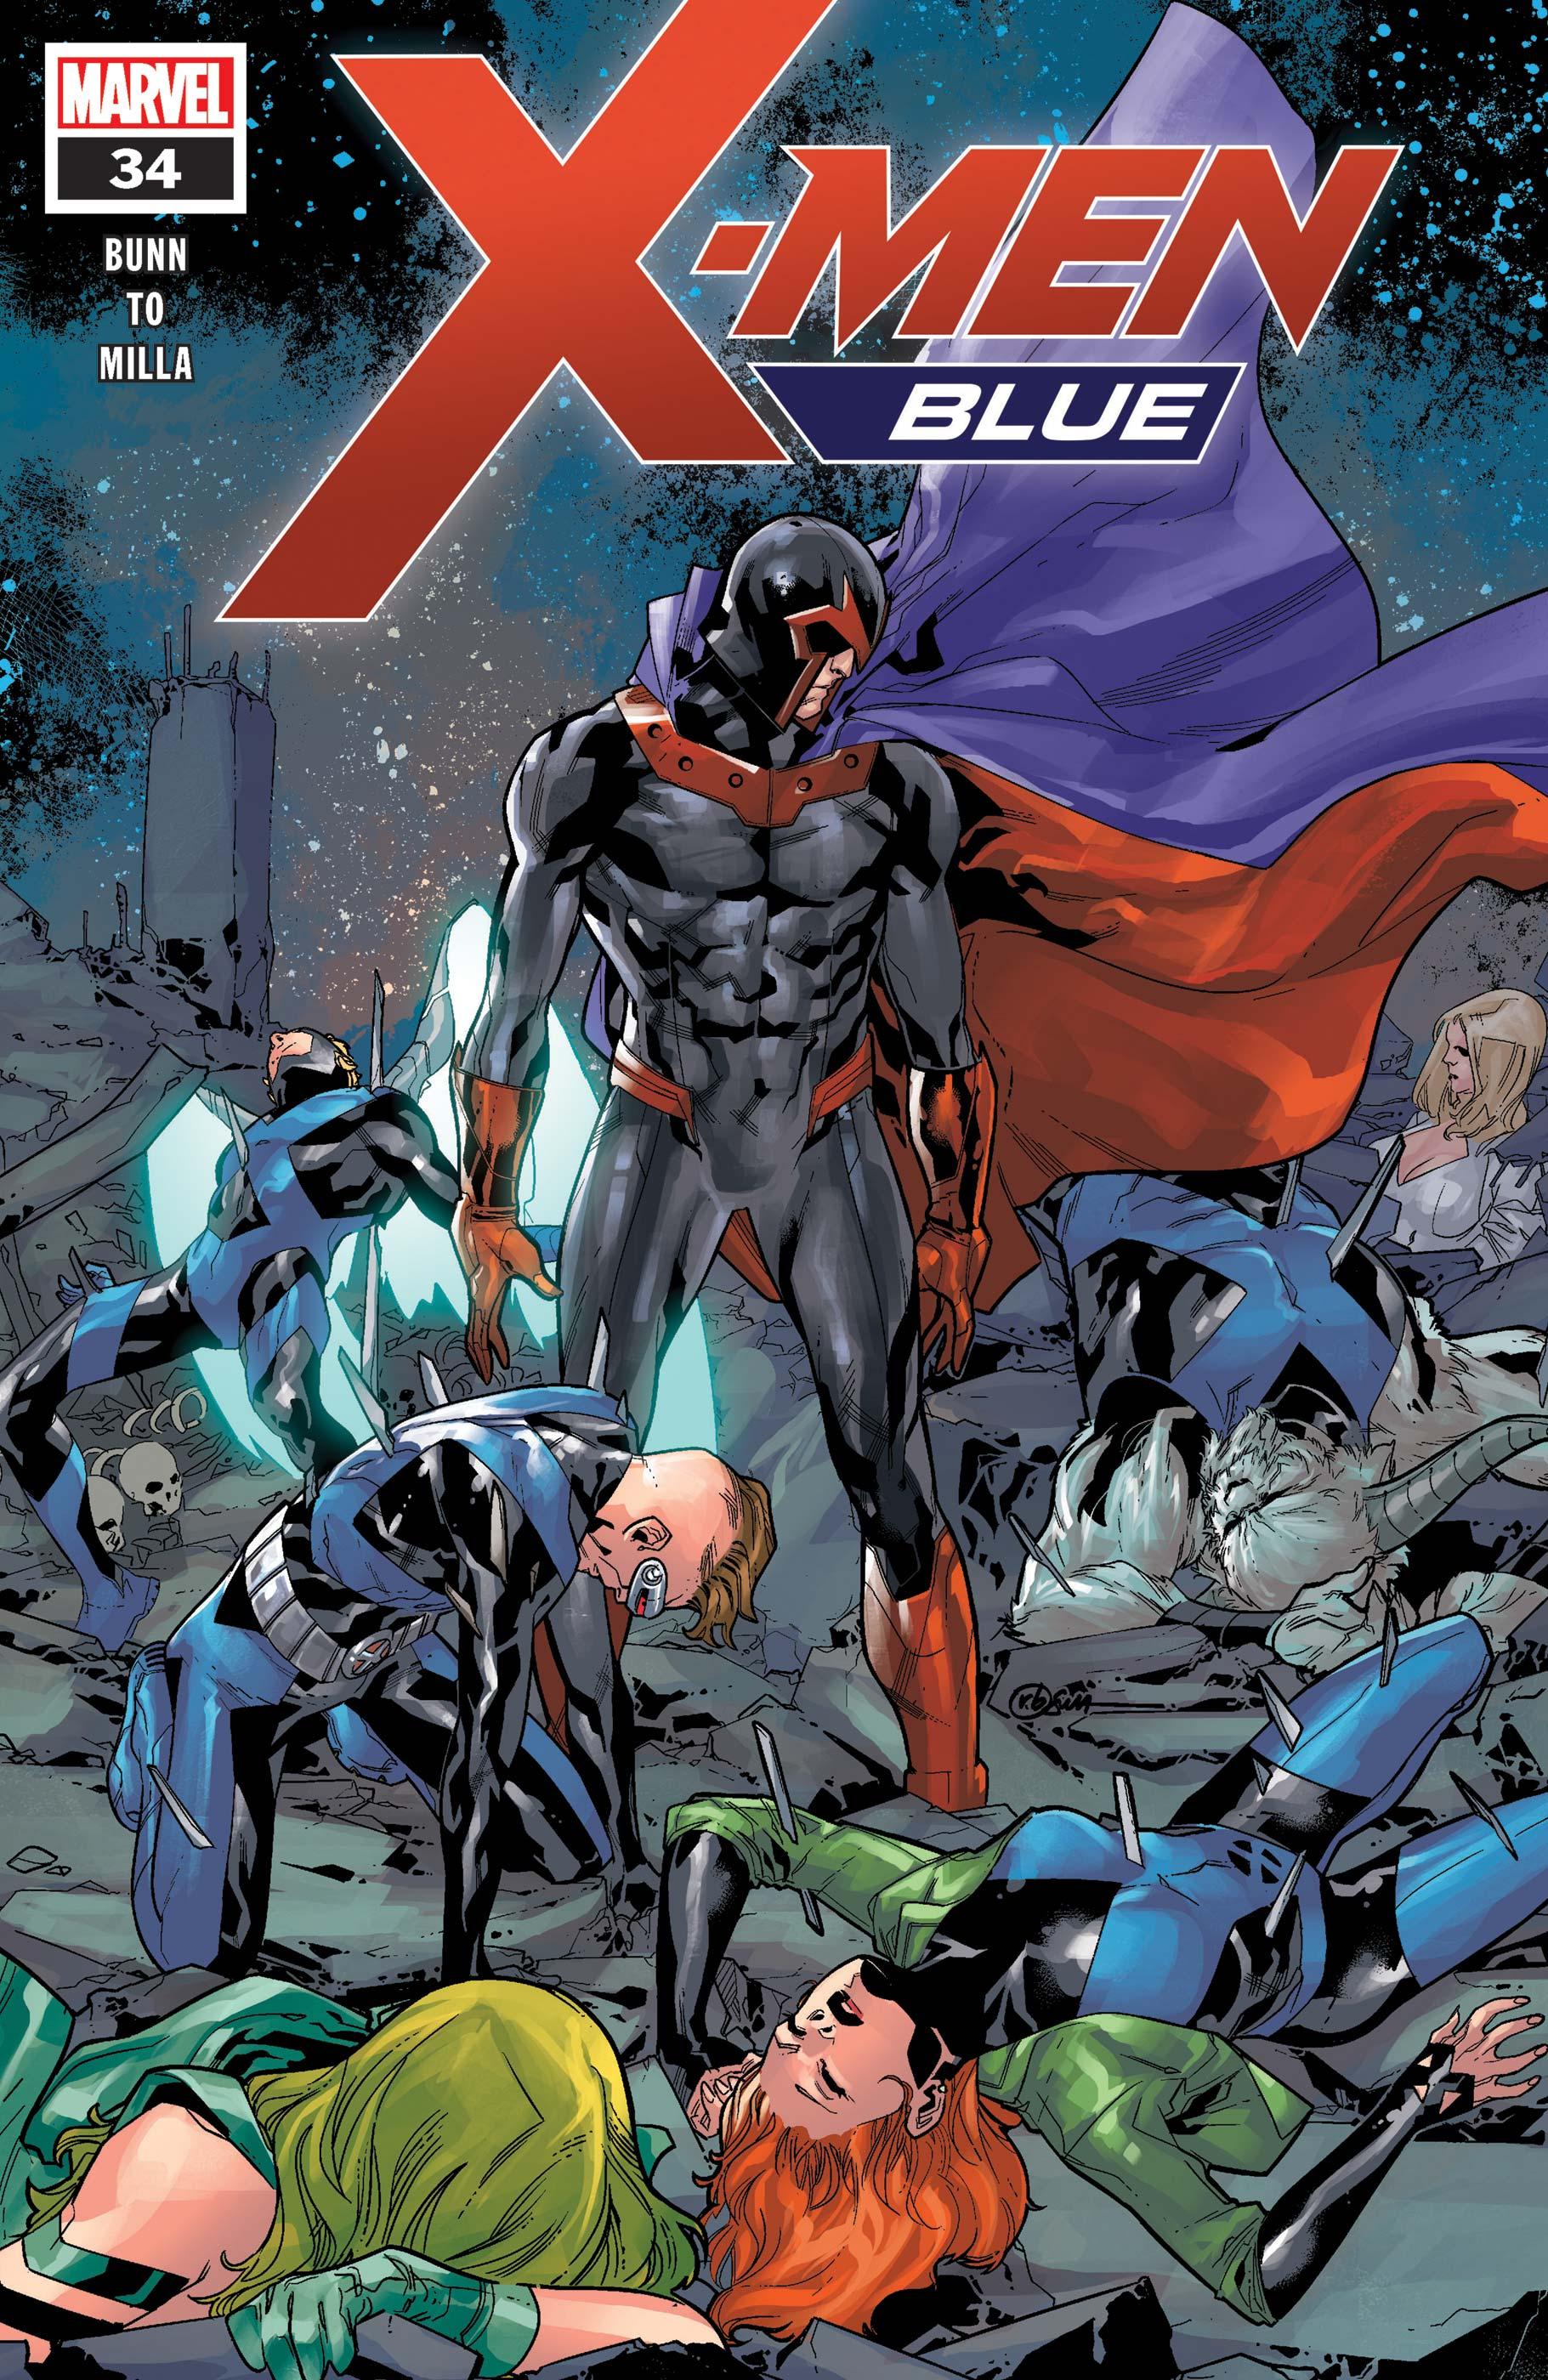 X-Men: Blue (2017) #34